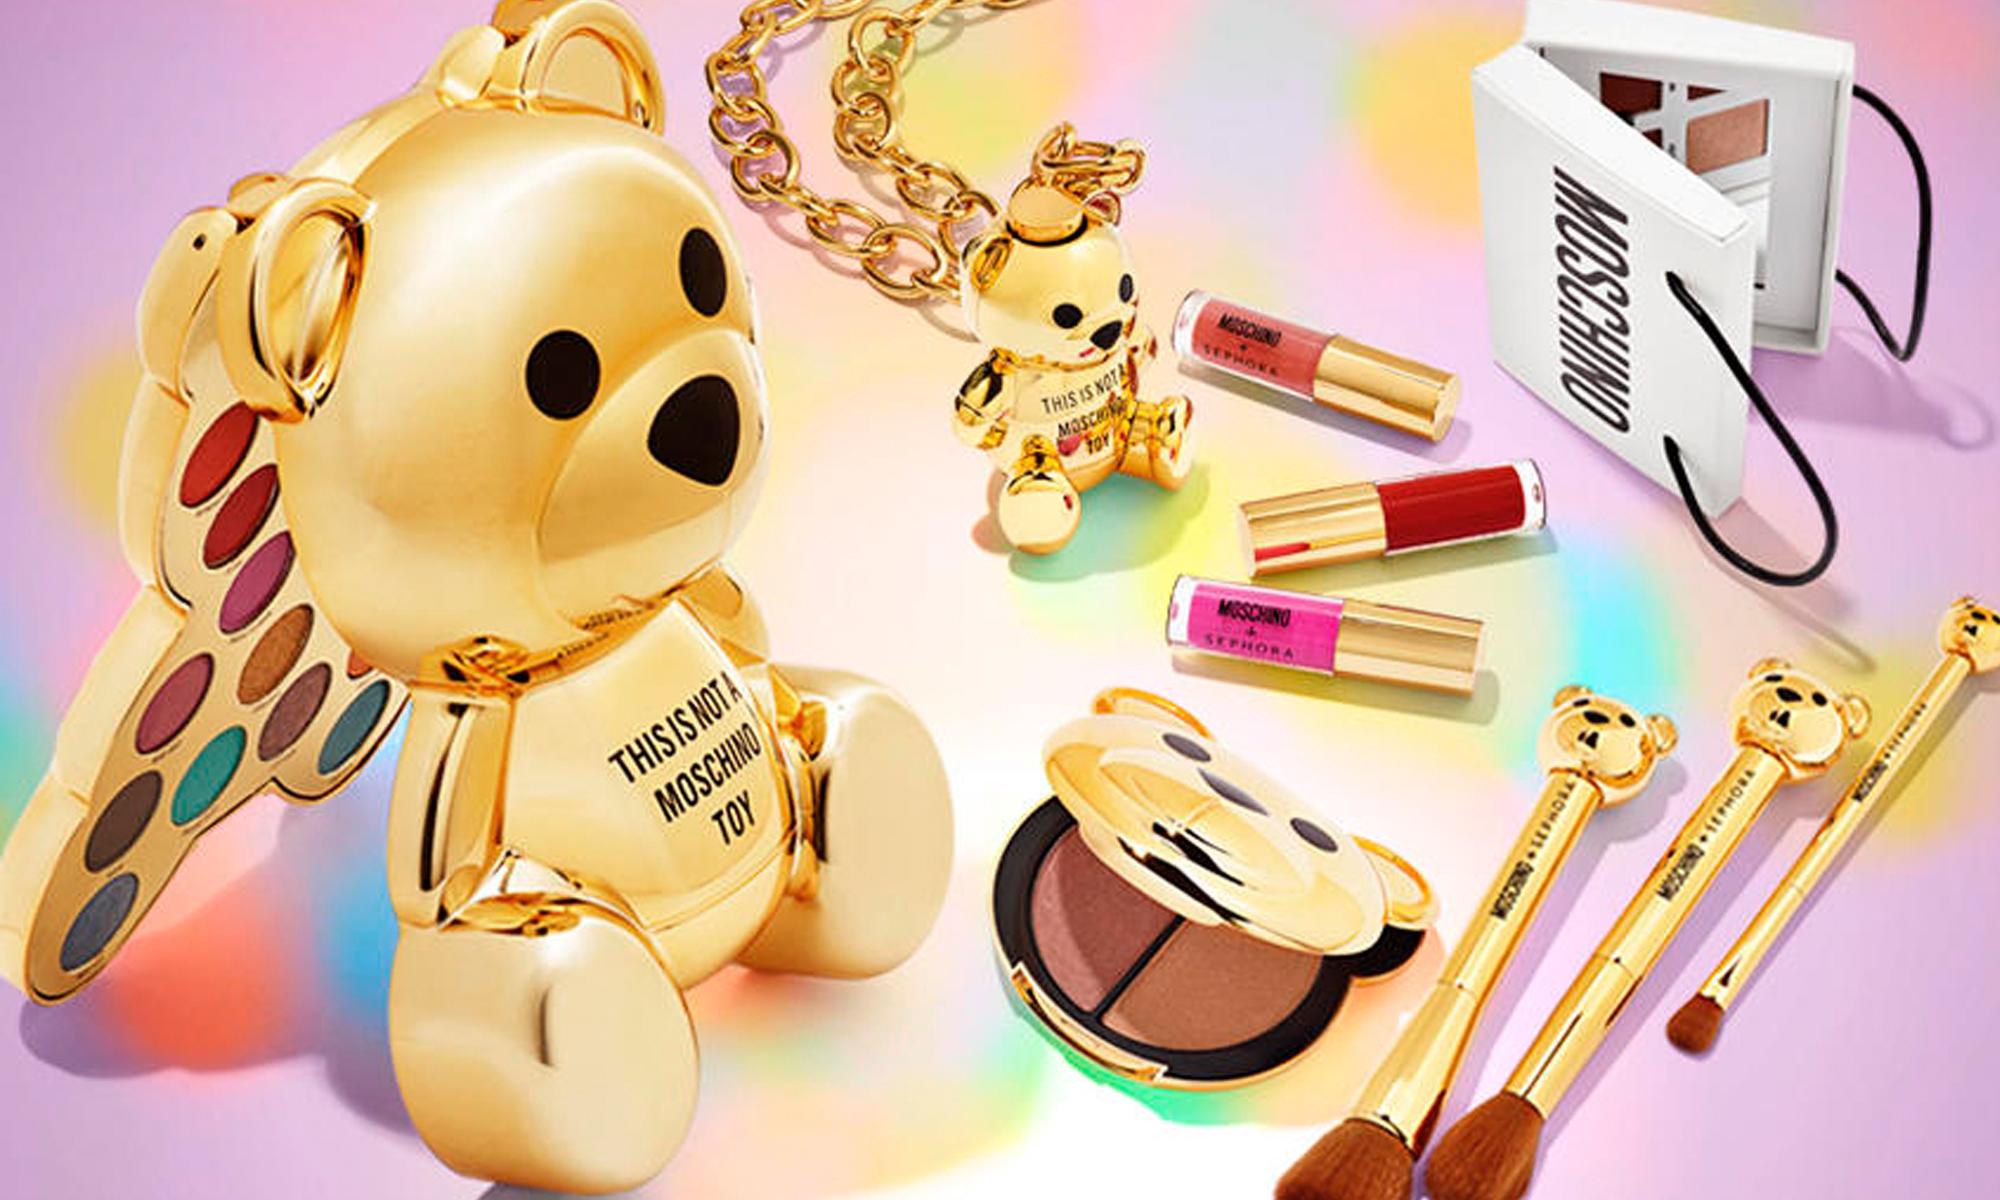 Image via Estrella Fashion Report